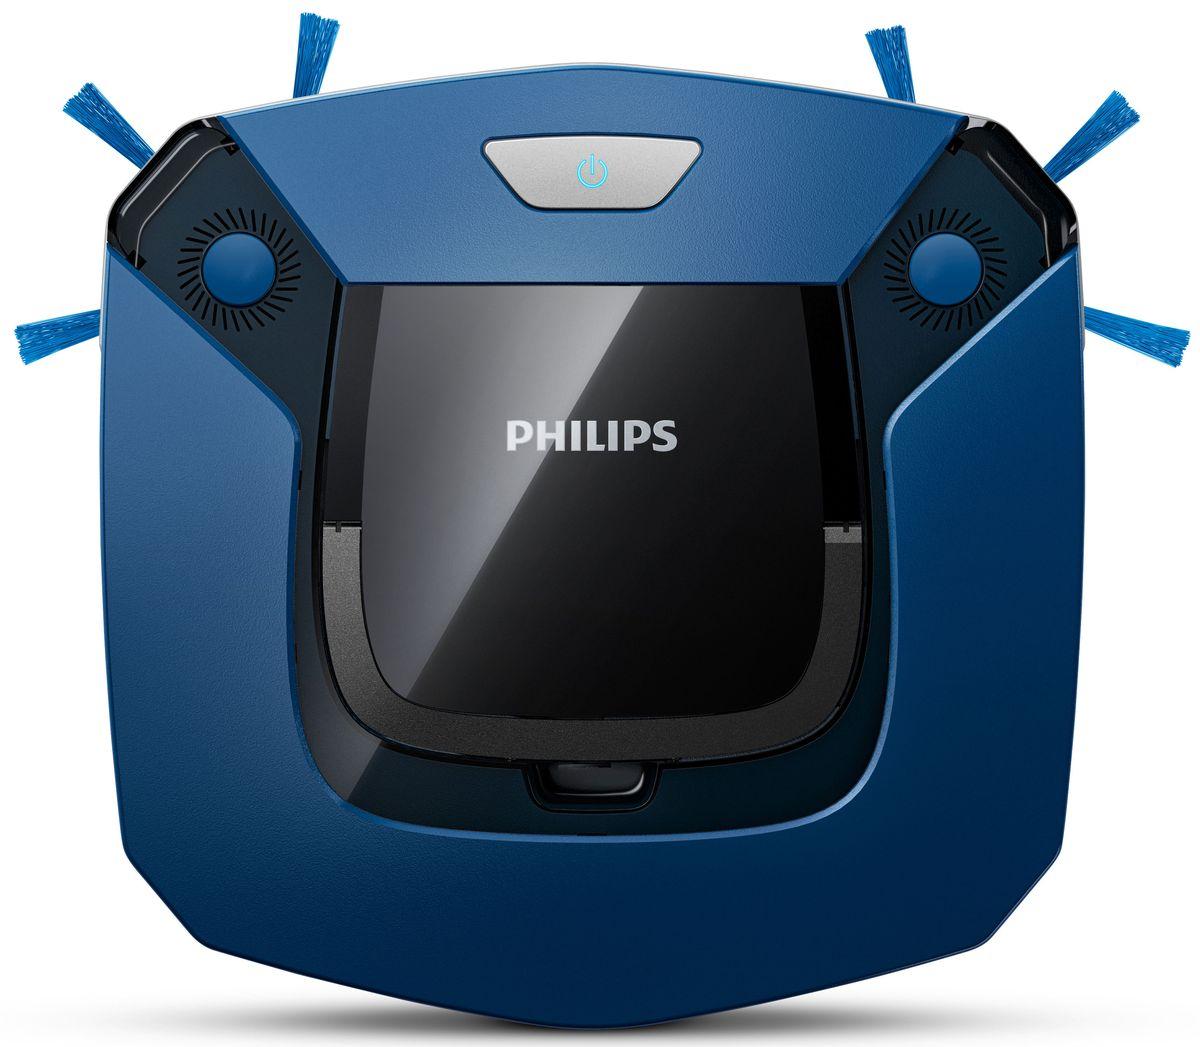 Philips SmartPro Easy FC8792/01 робот-пылесос